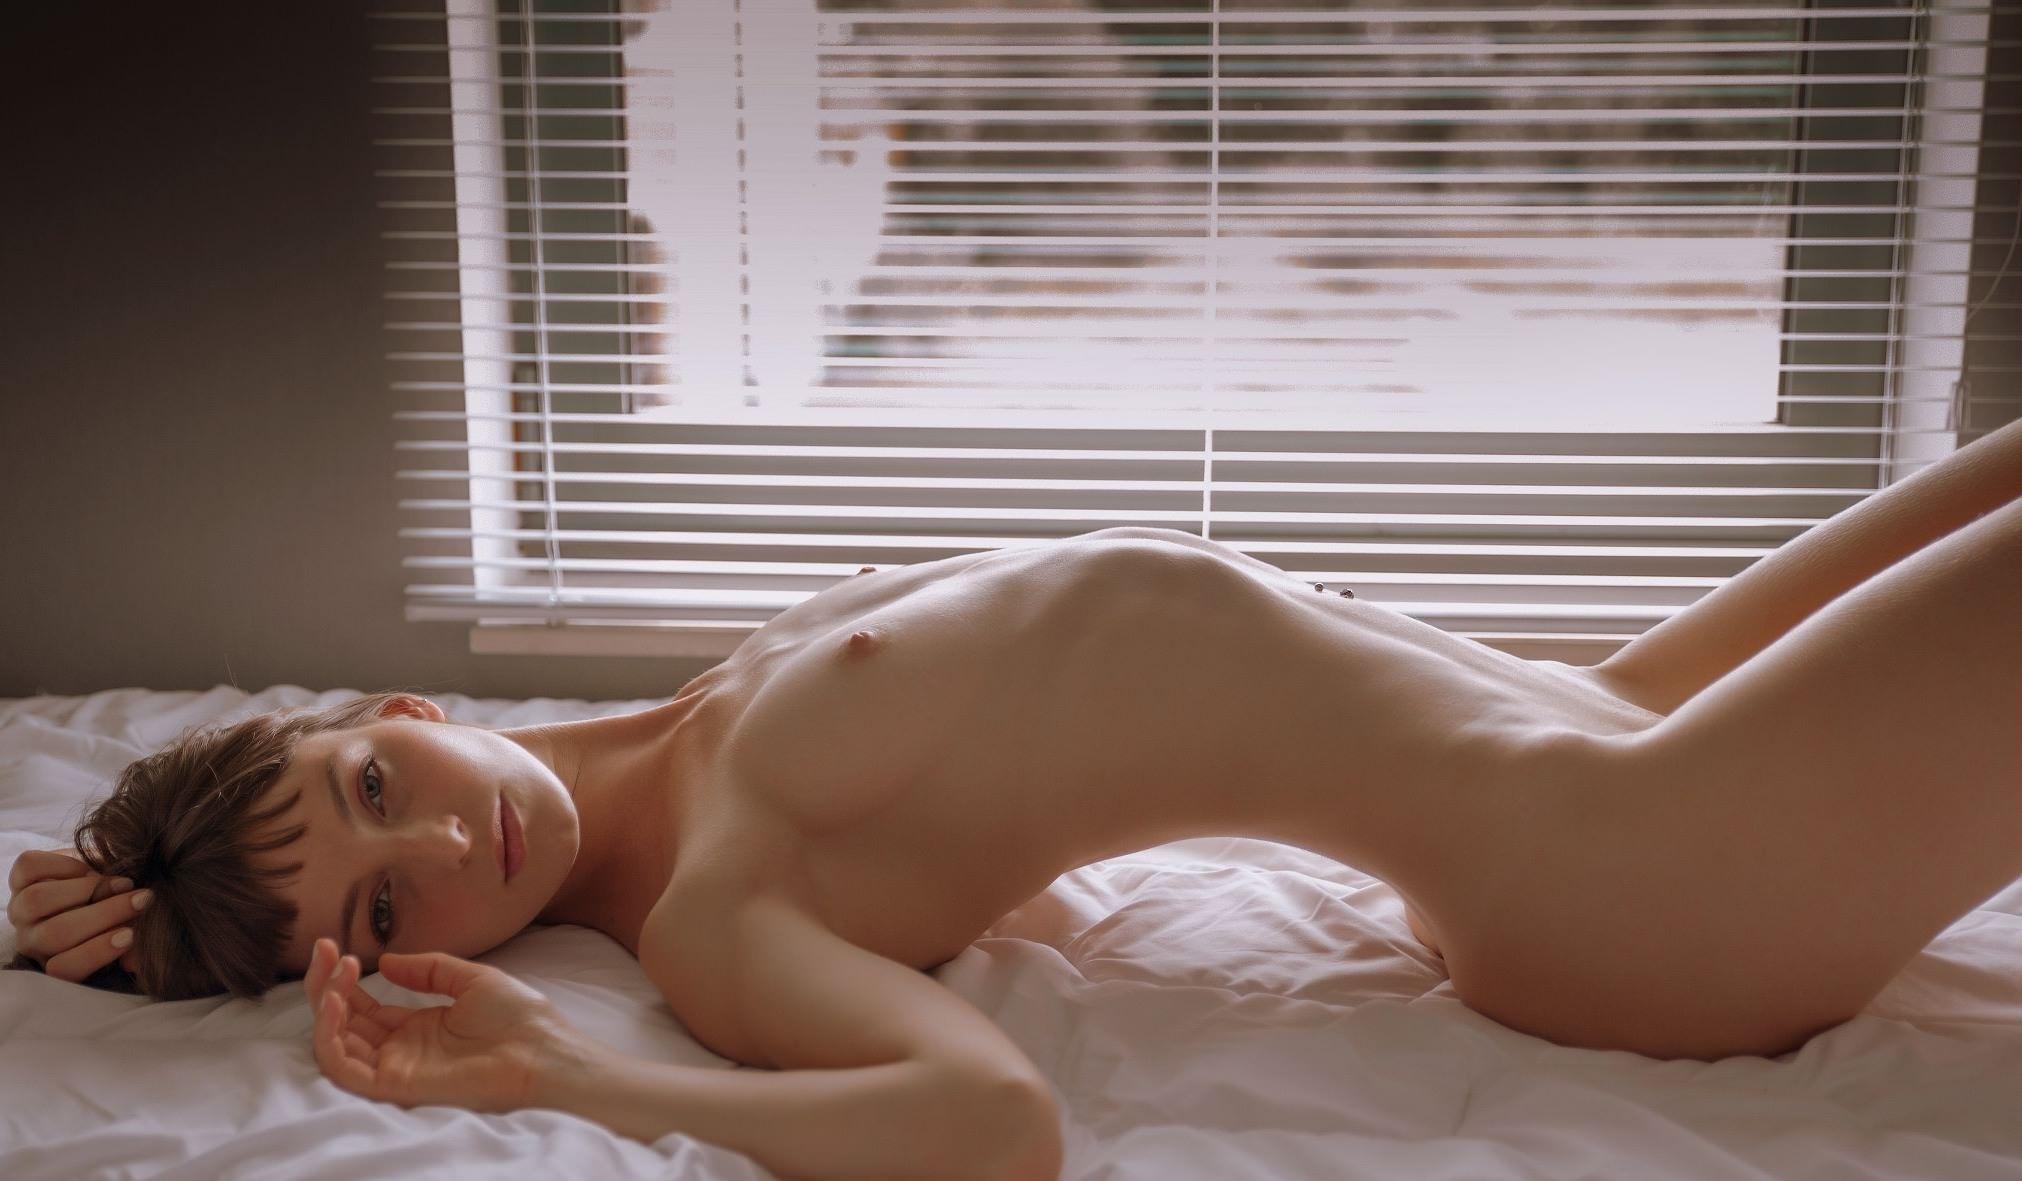 Фото Голая девушка на кровати, согнула спинку, жалюзи, скачать картинку бесплатно